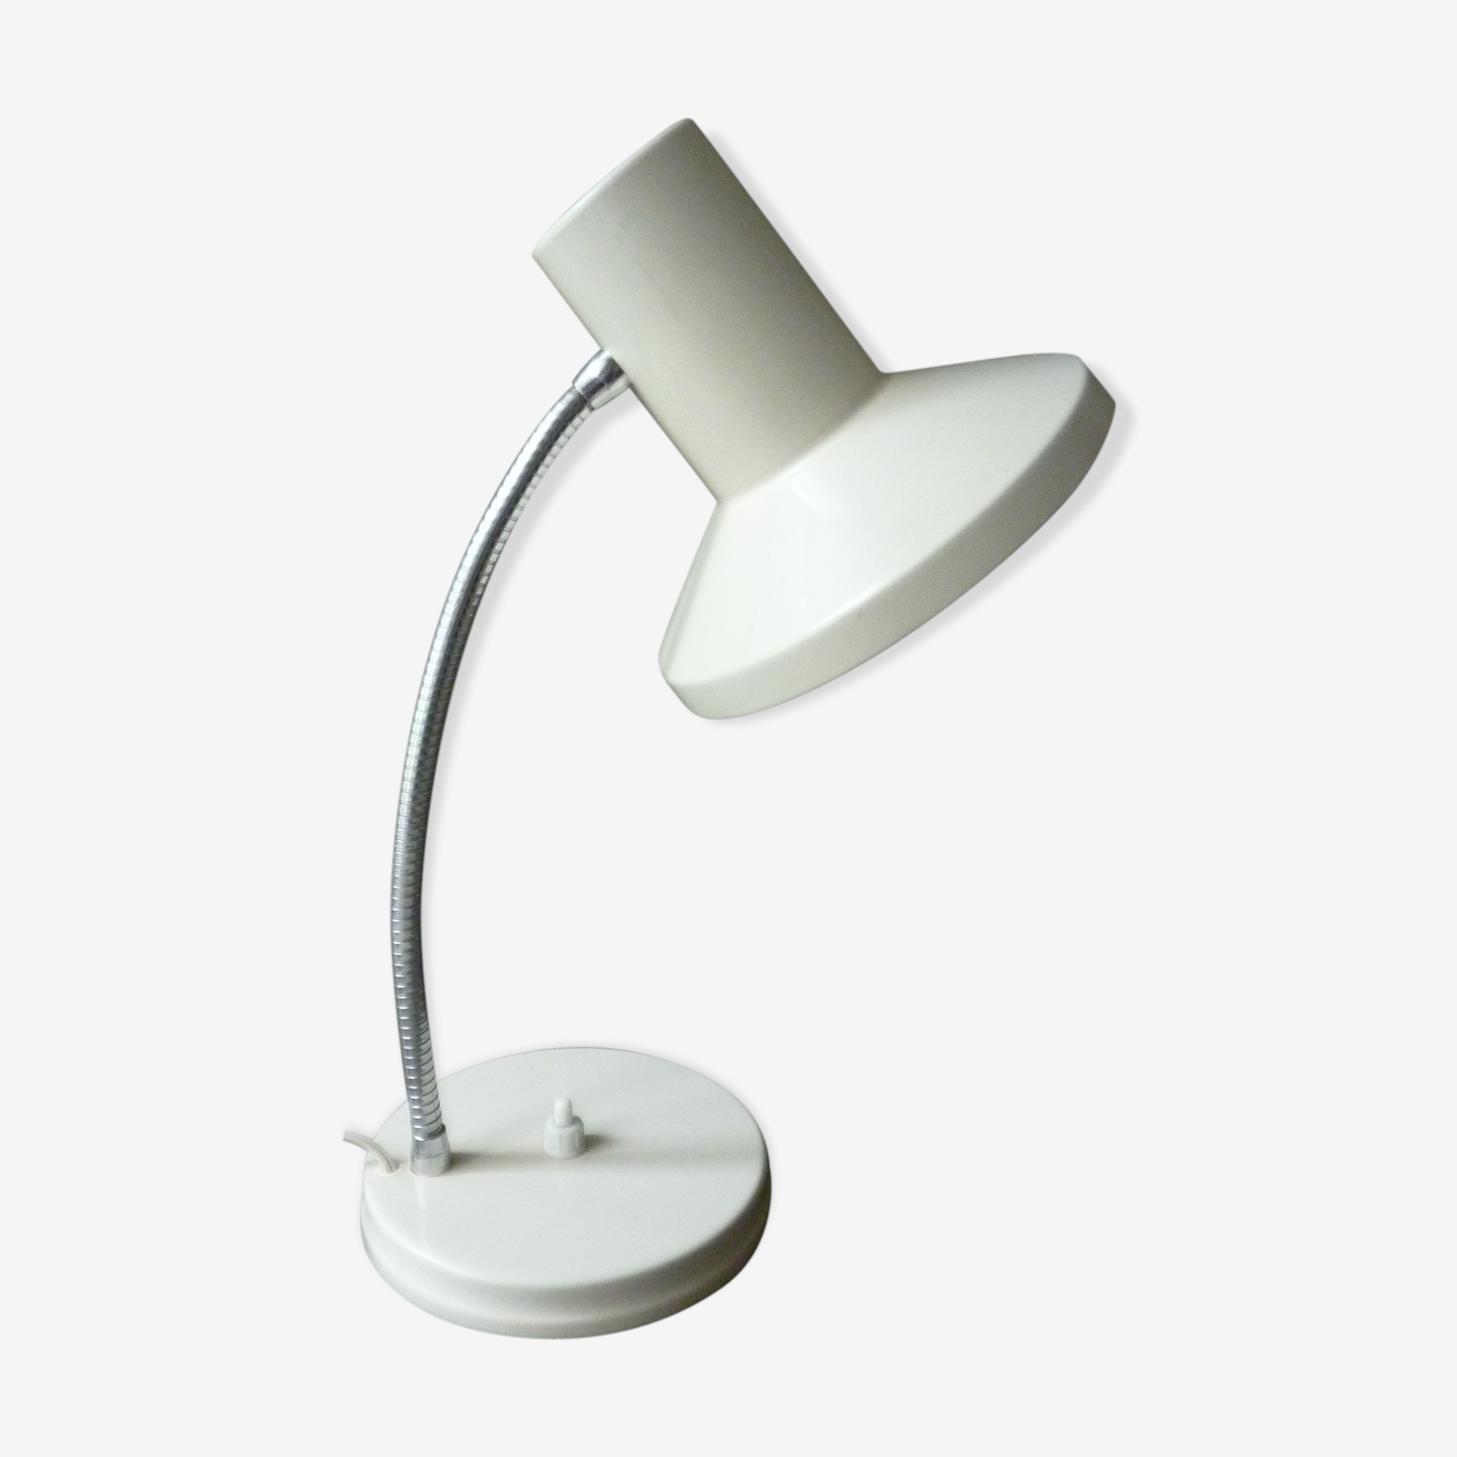 Lampe en métal blanc avec bras flexible des années 50